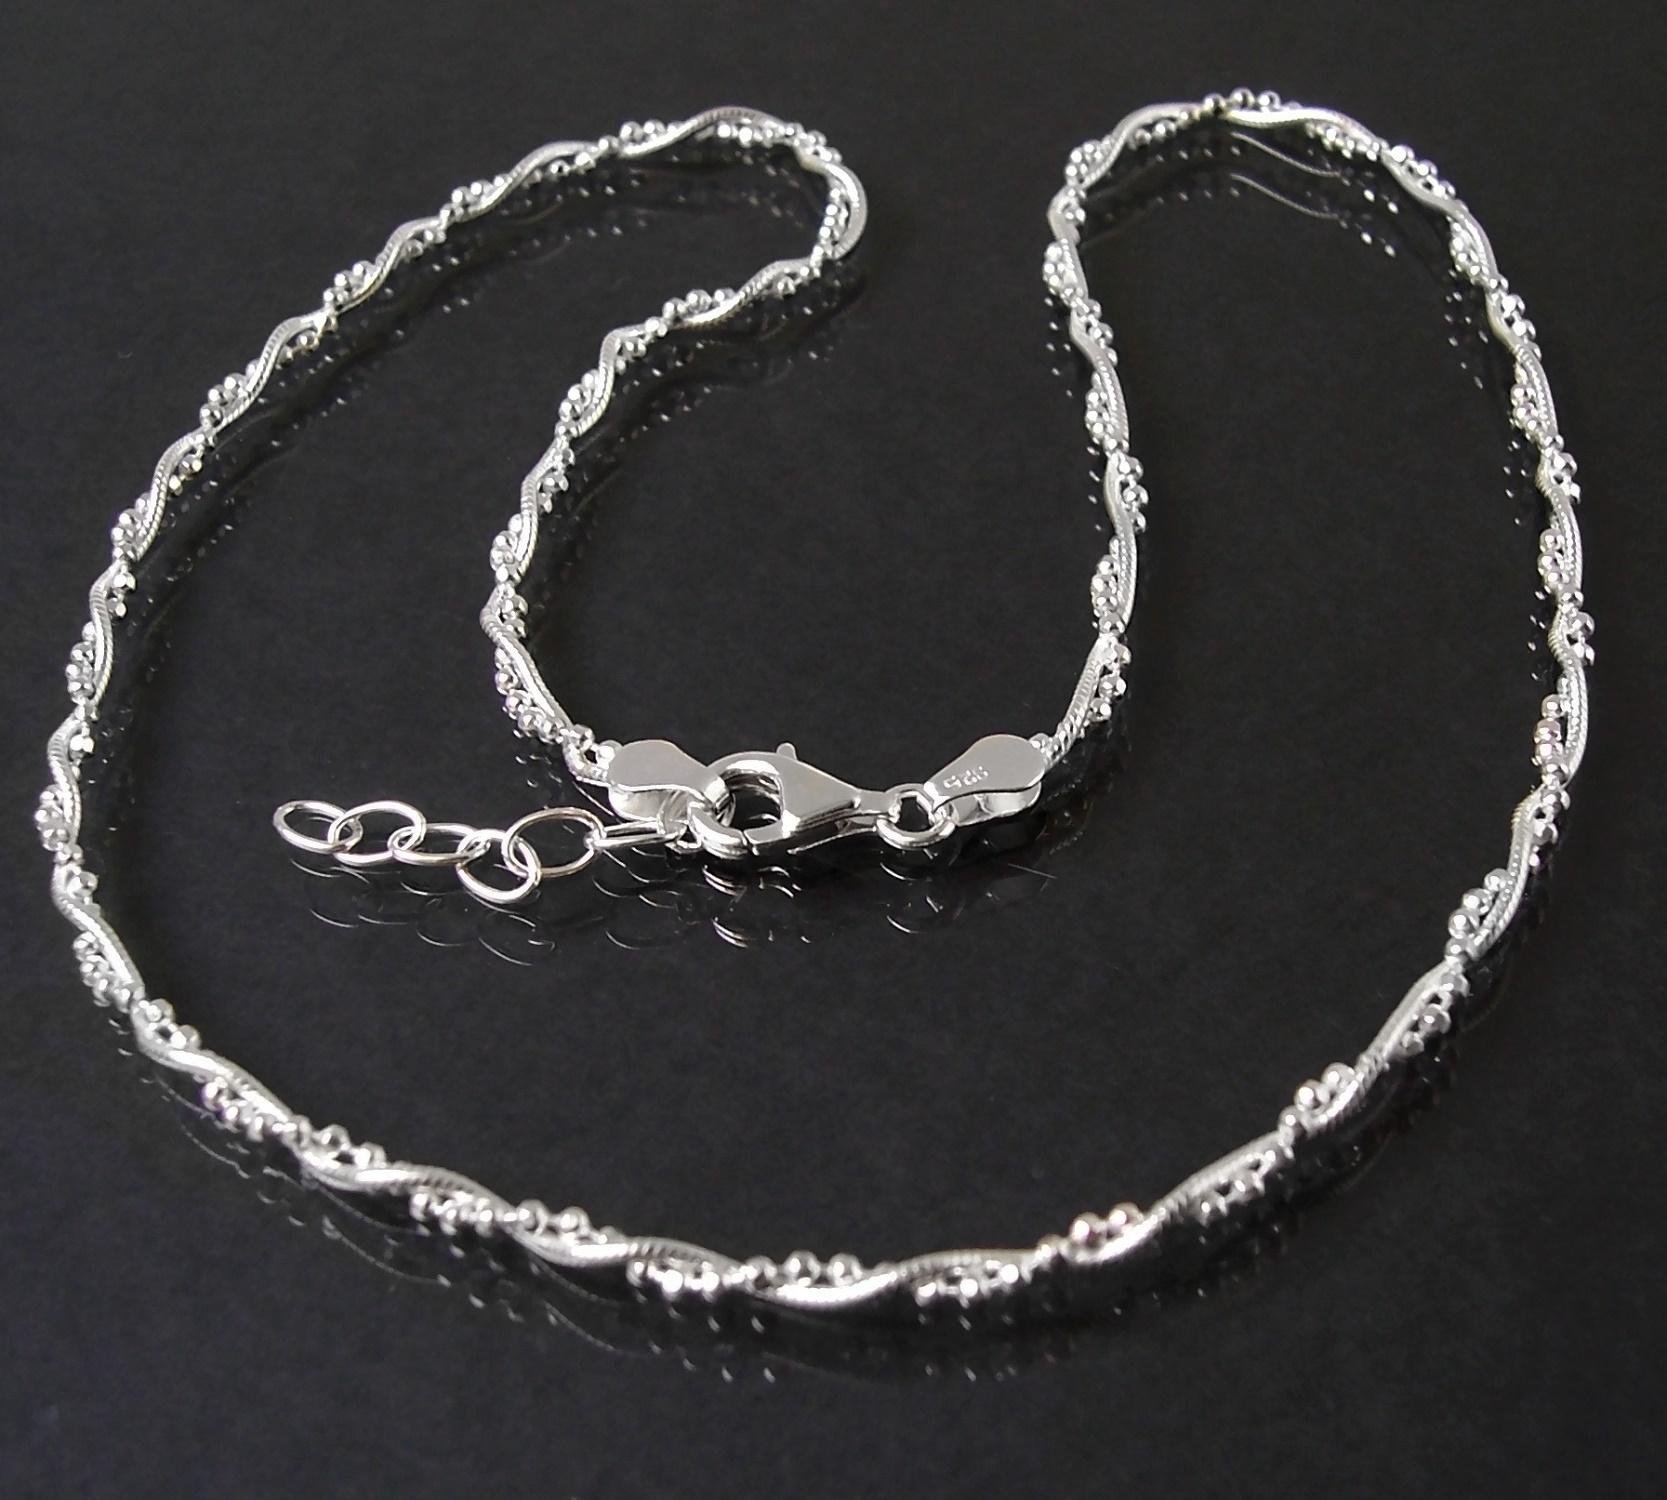 Halskette 2 Ketten Schlangenkette+ Kugelkette 925 Silber 45cm 16822-45